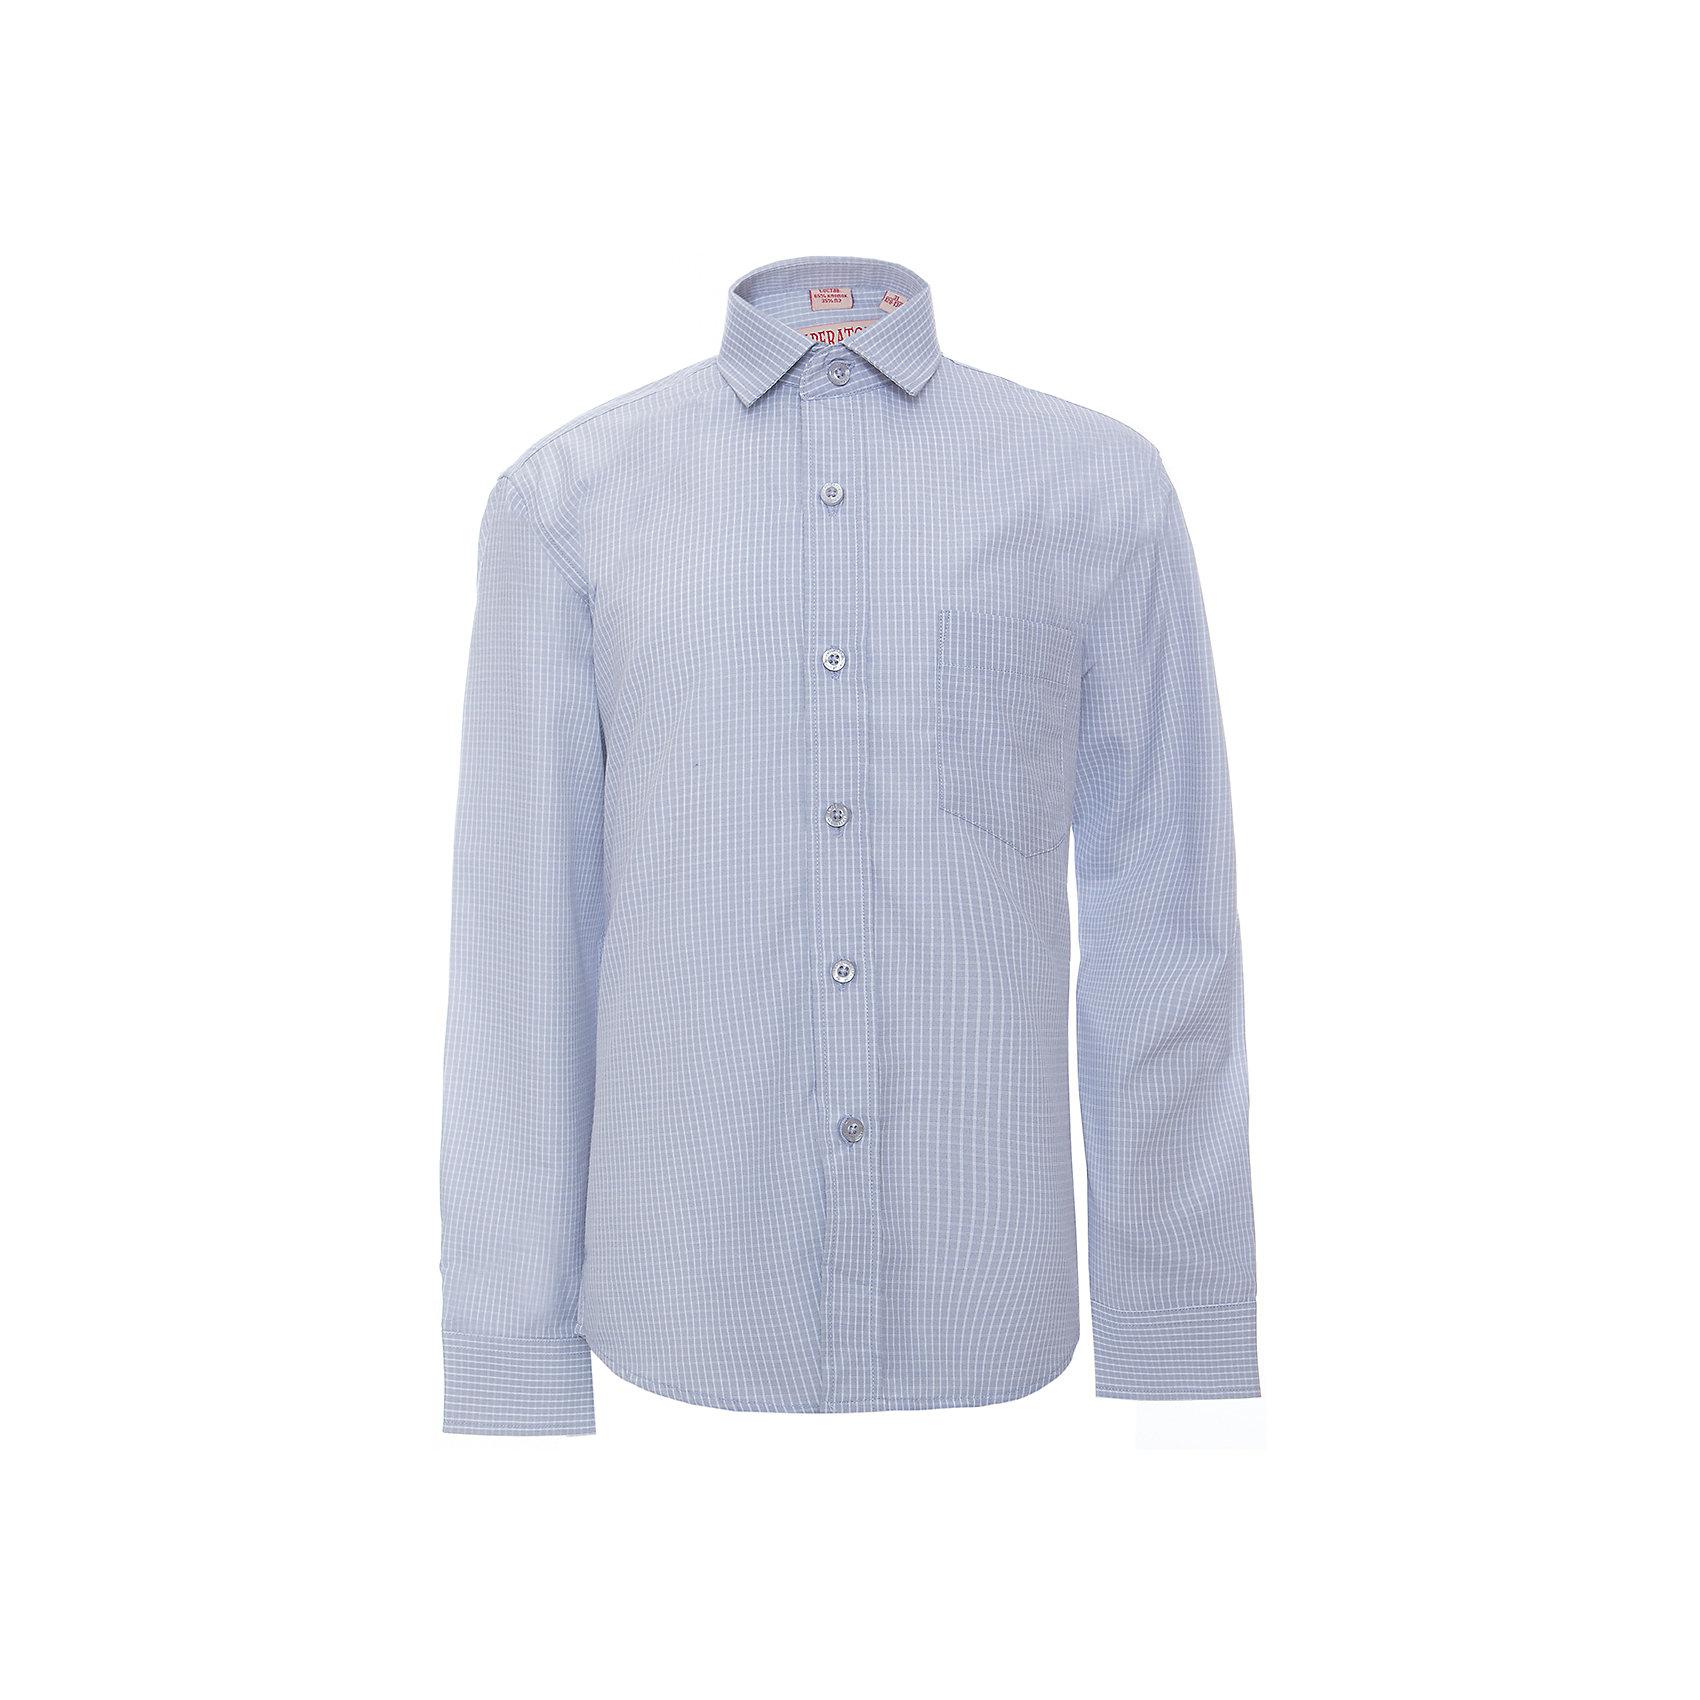 Рубашка для мальчика ImperatorКлассическая рубашка - неотьемлемая вещь в гардеробе. Модель на пуговицах, с отложным воротником. Свободный покрой не стеснит движений и позволит чувствовать себя комфортно каждый день.  Состав 65 % хл. 35% П/Э<br><br>Ширина мм: 174<br>Глубина мм: 10<br>Высота мм: 169<br>Вес г: 157<br>Цвет: голубой<br>Возраст от месяцев: 84<br>Возраст до месяцев: 96<br>Пол: Мужской<br>Возраст: Детский<br>Размер: 122/128,164/170,158/164,152/158,146/152,140/146,134/140,128/134<br>SKU: 4749425